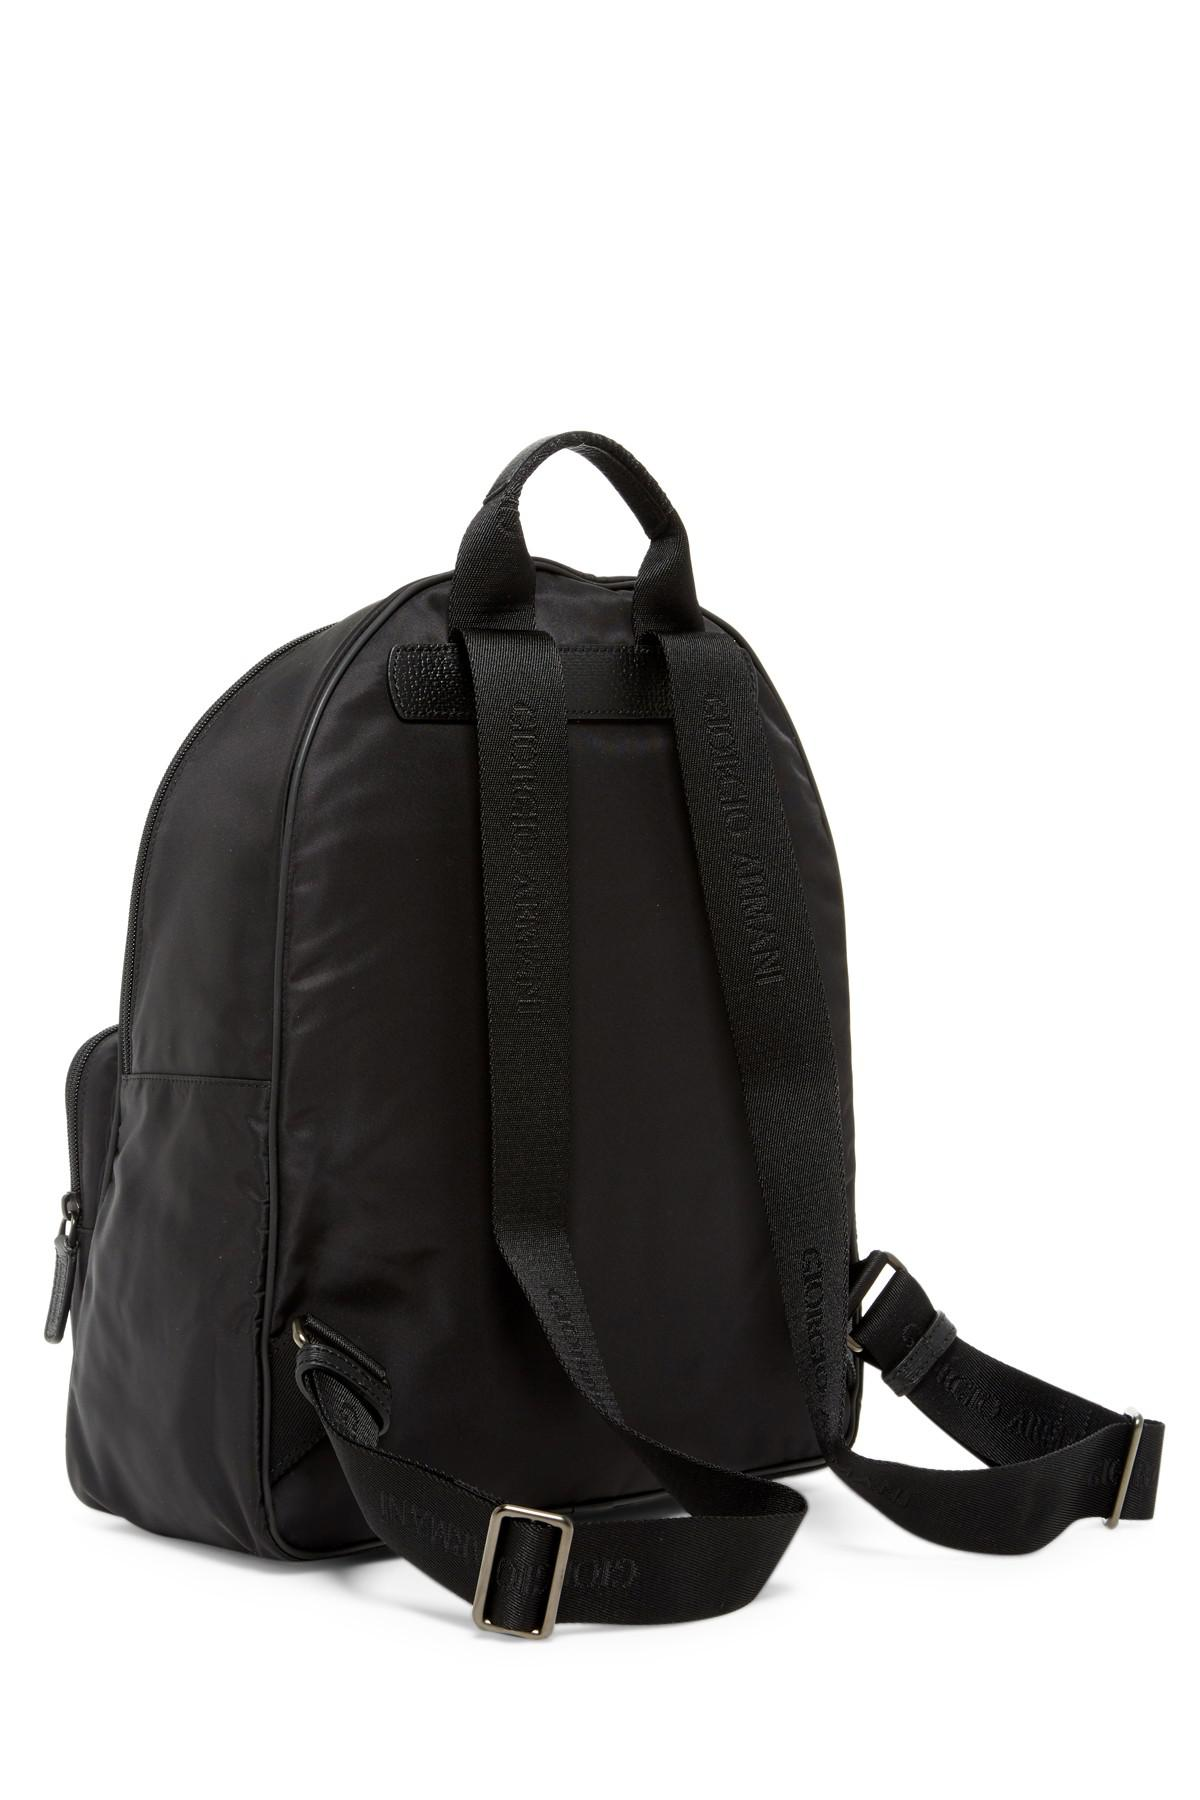 4434034e1523 Lyst - Giorgio Armani Nylon Backpack in Black for Men